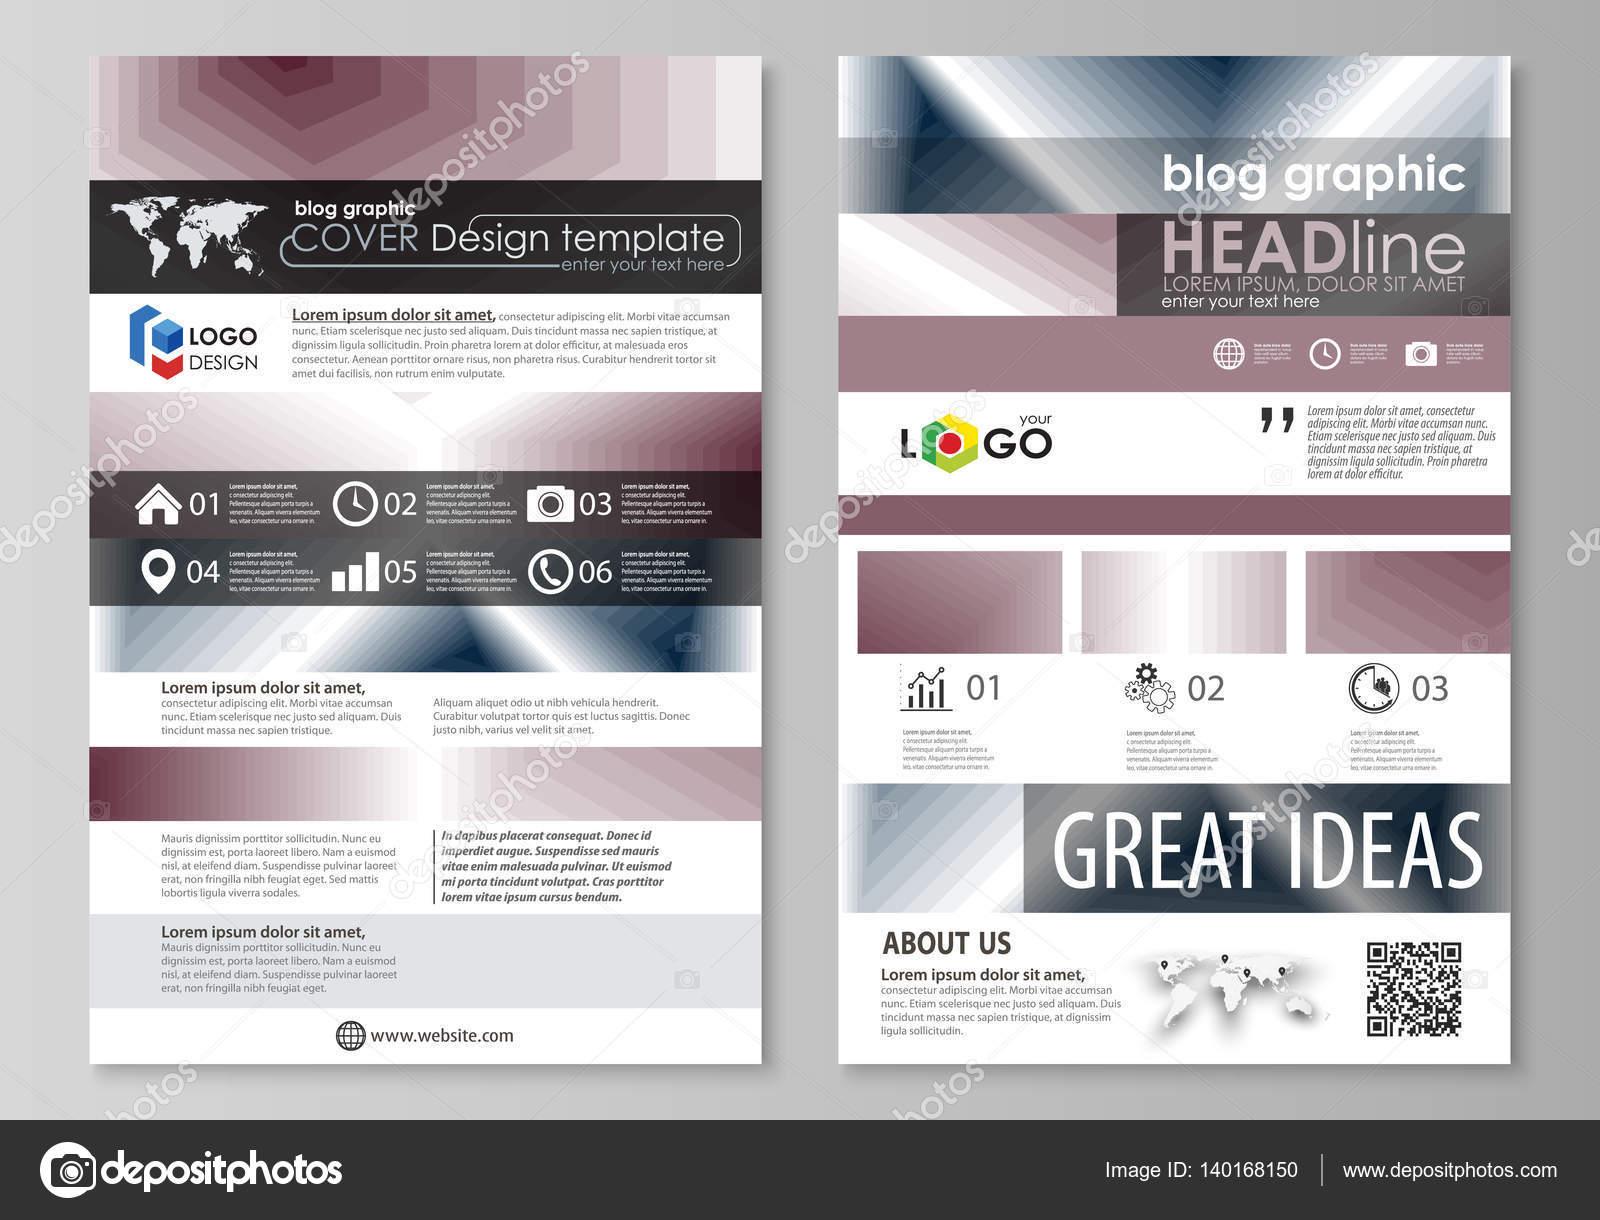 Tolle Einfache Blog Vorlagen Ideen - Entry Level Resume Vorlagen ...